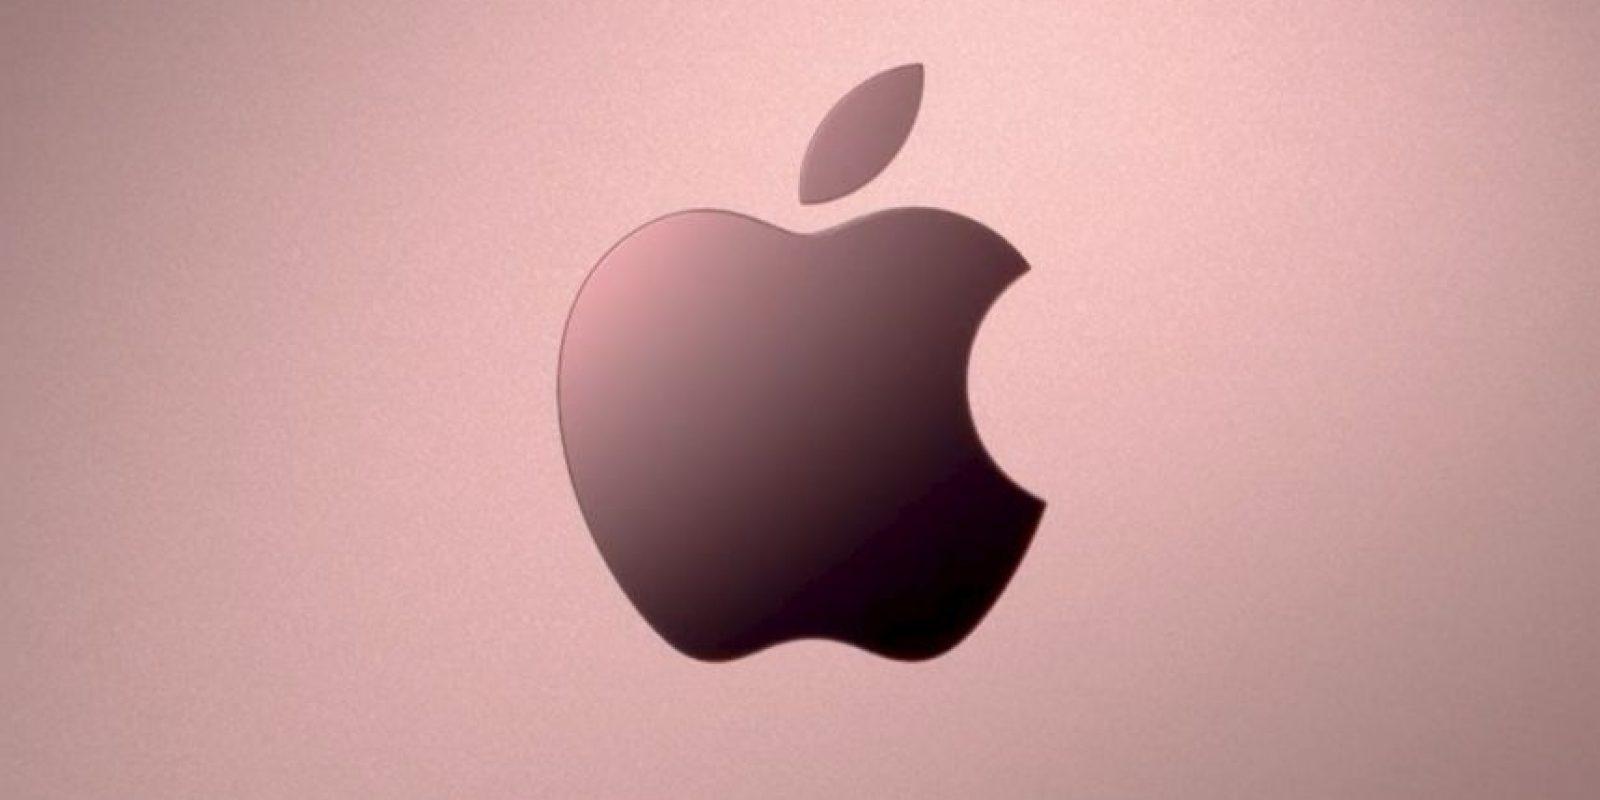 El iPhone color oro rosado ha causado sensación entre el público femenino, pero también en algunos hombres. Ahora los usuarios pueden escoger entre gris espacial, plateado, dorado y el oro rosado. Foto:Apple